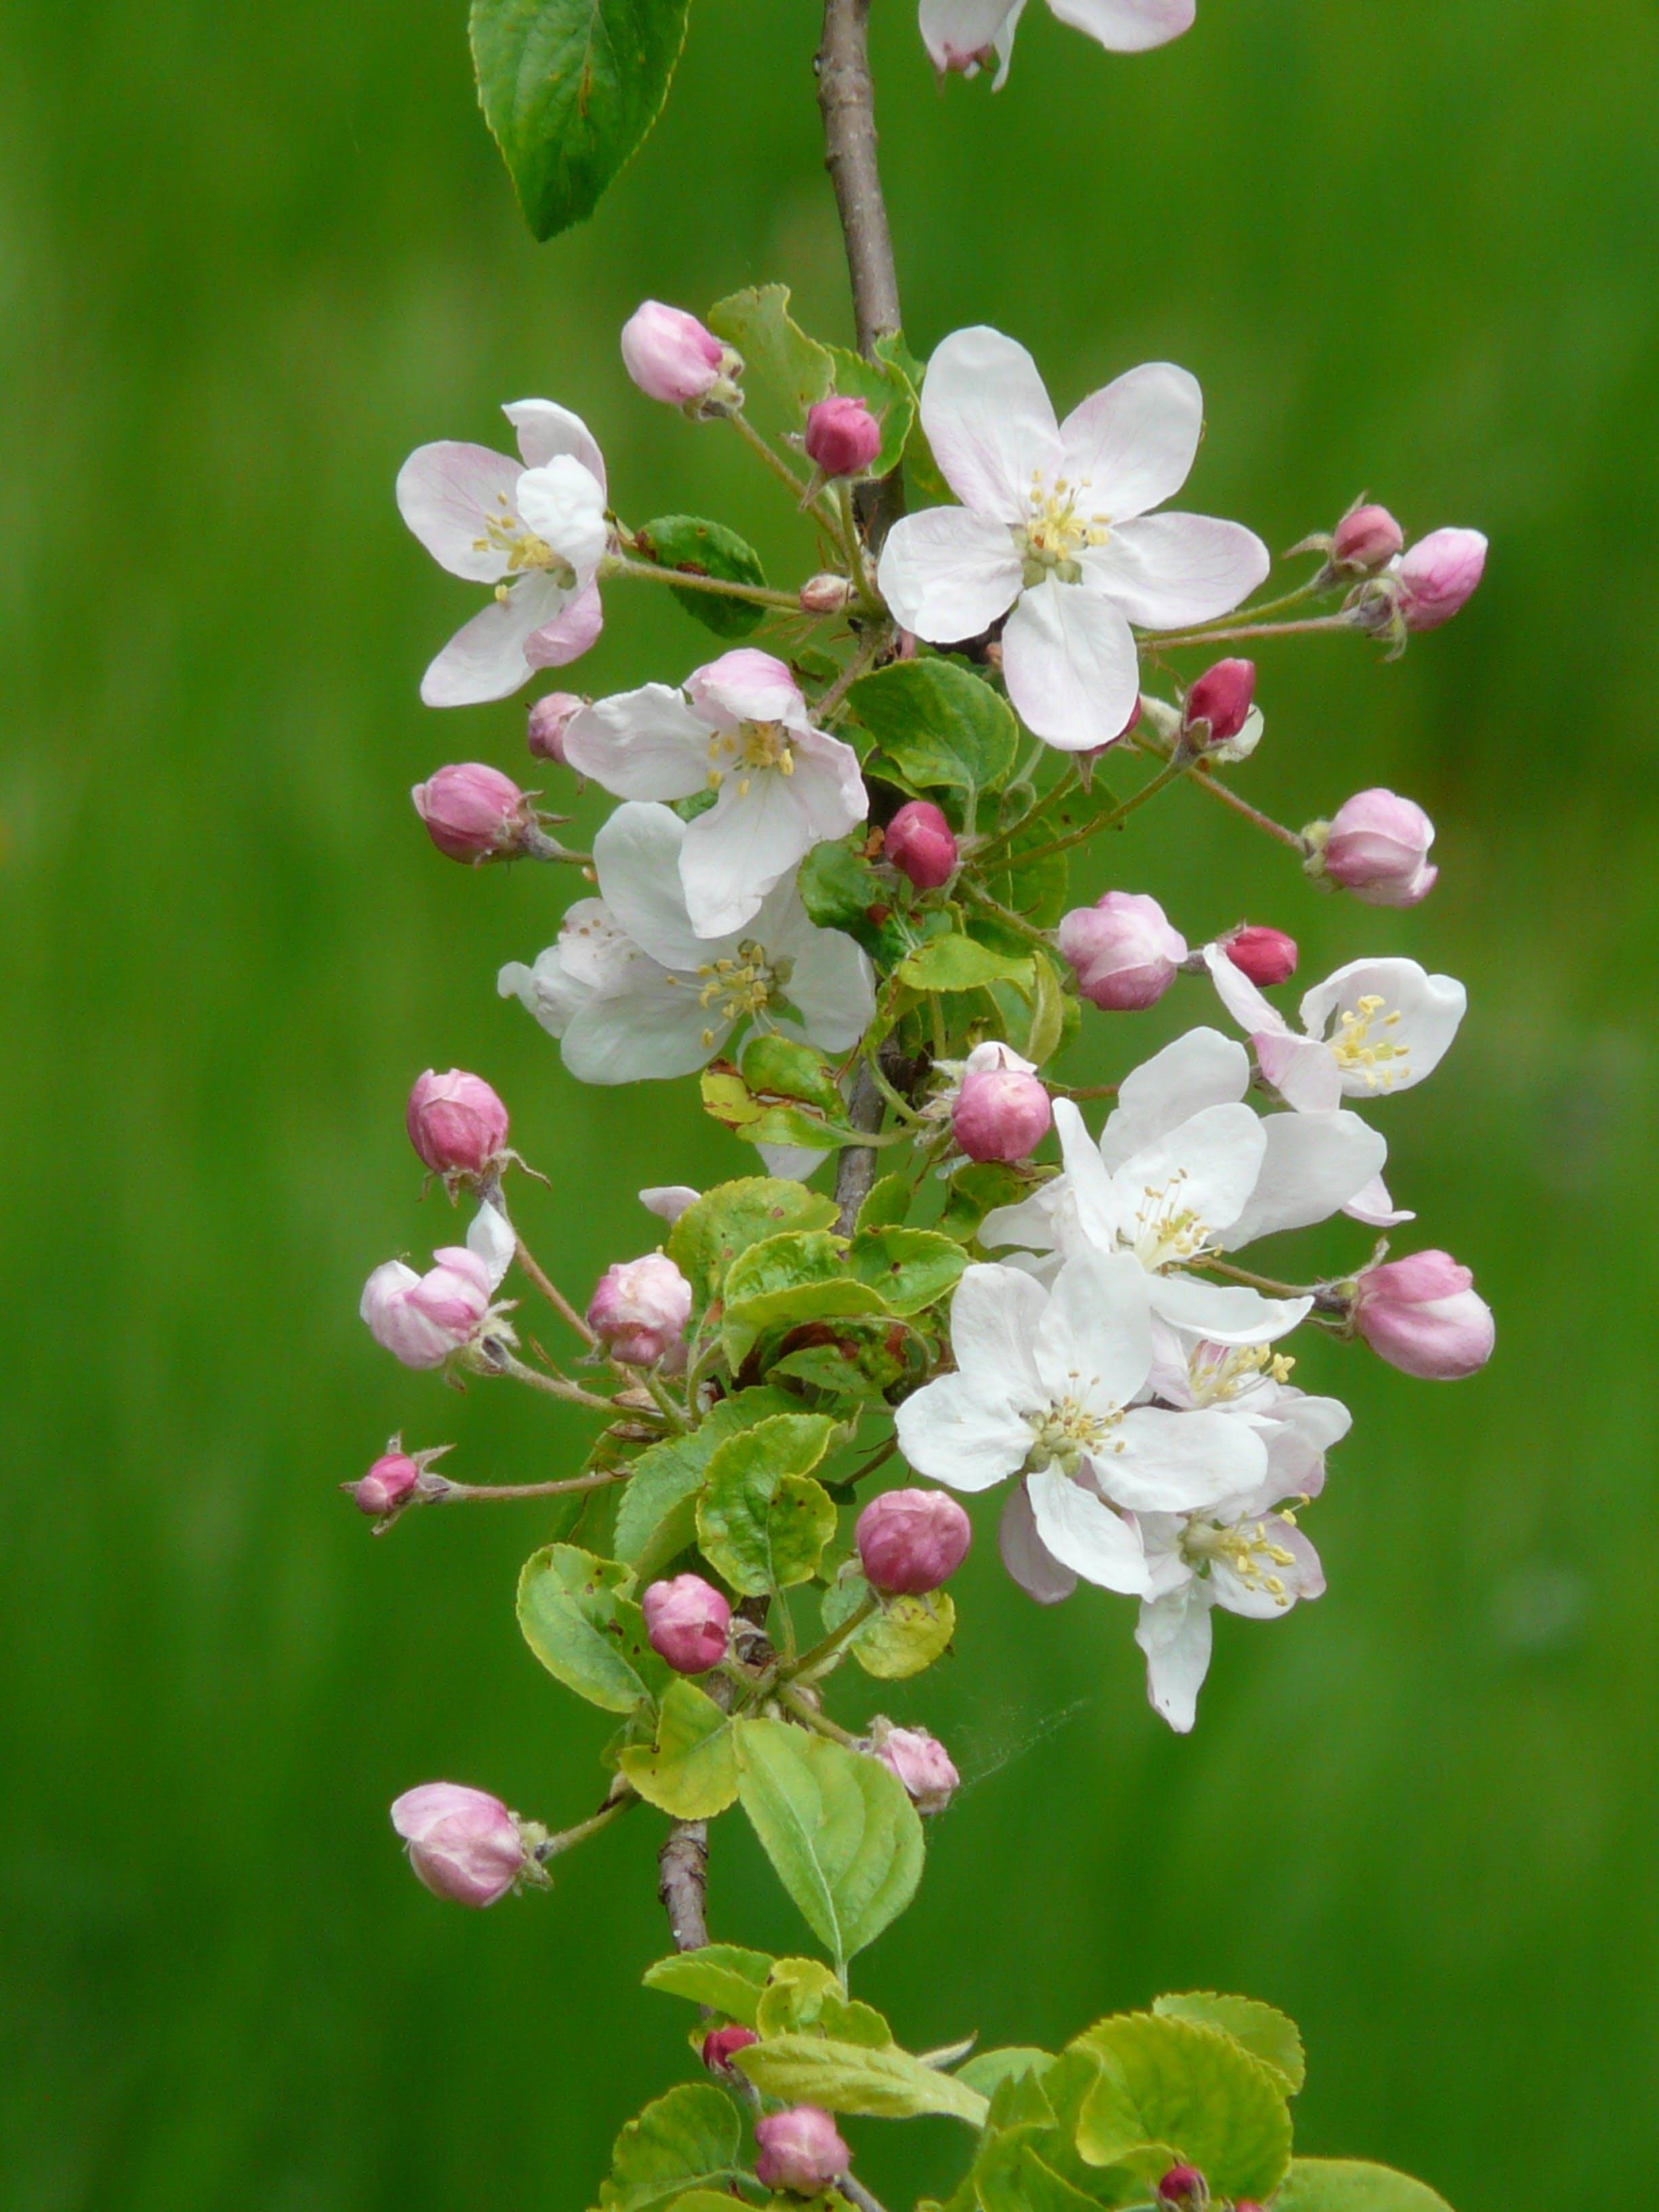 White 5 Petal Flower